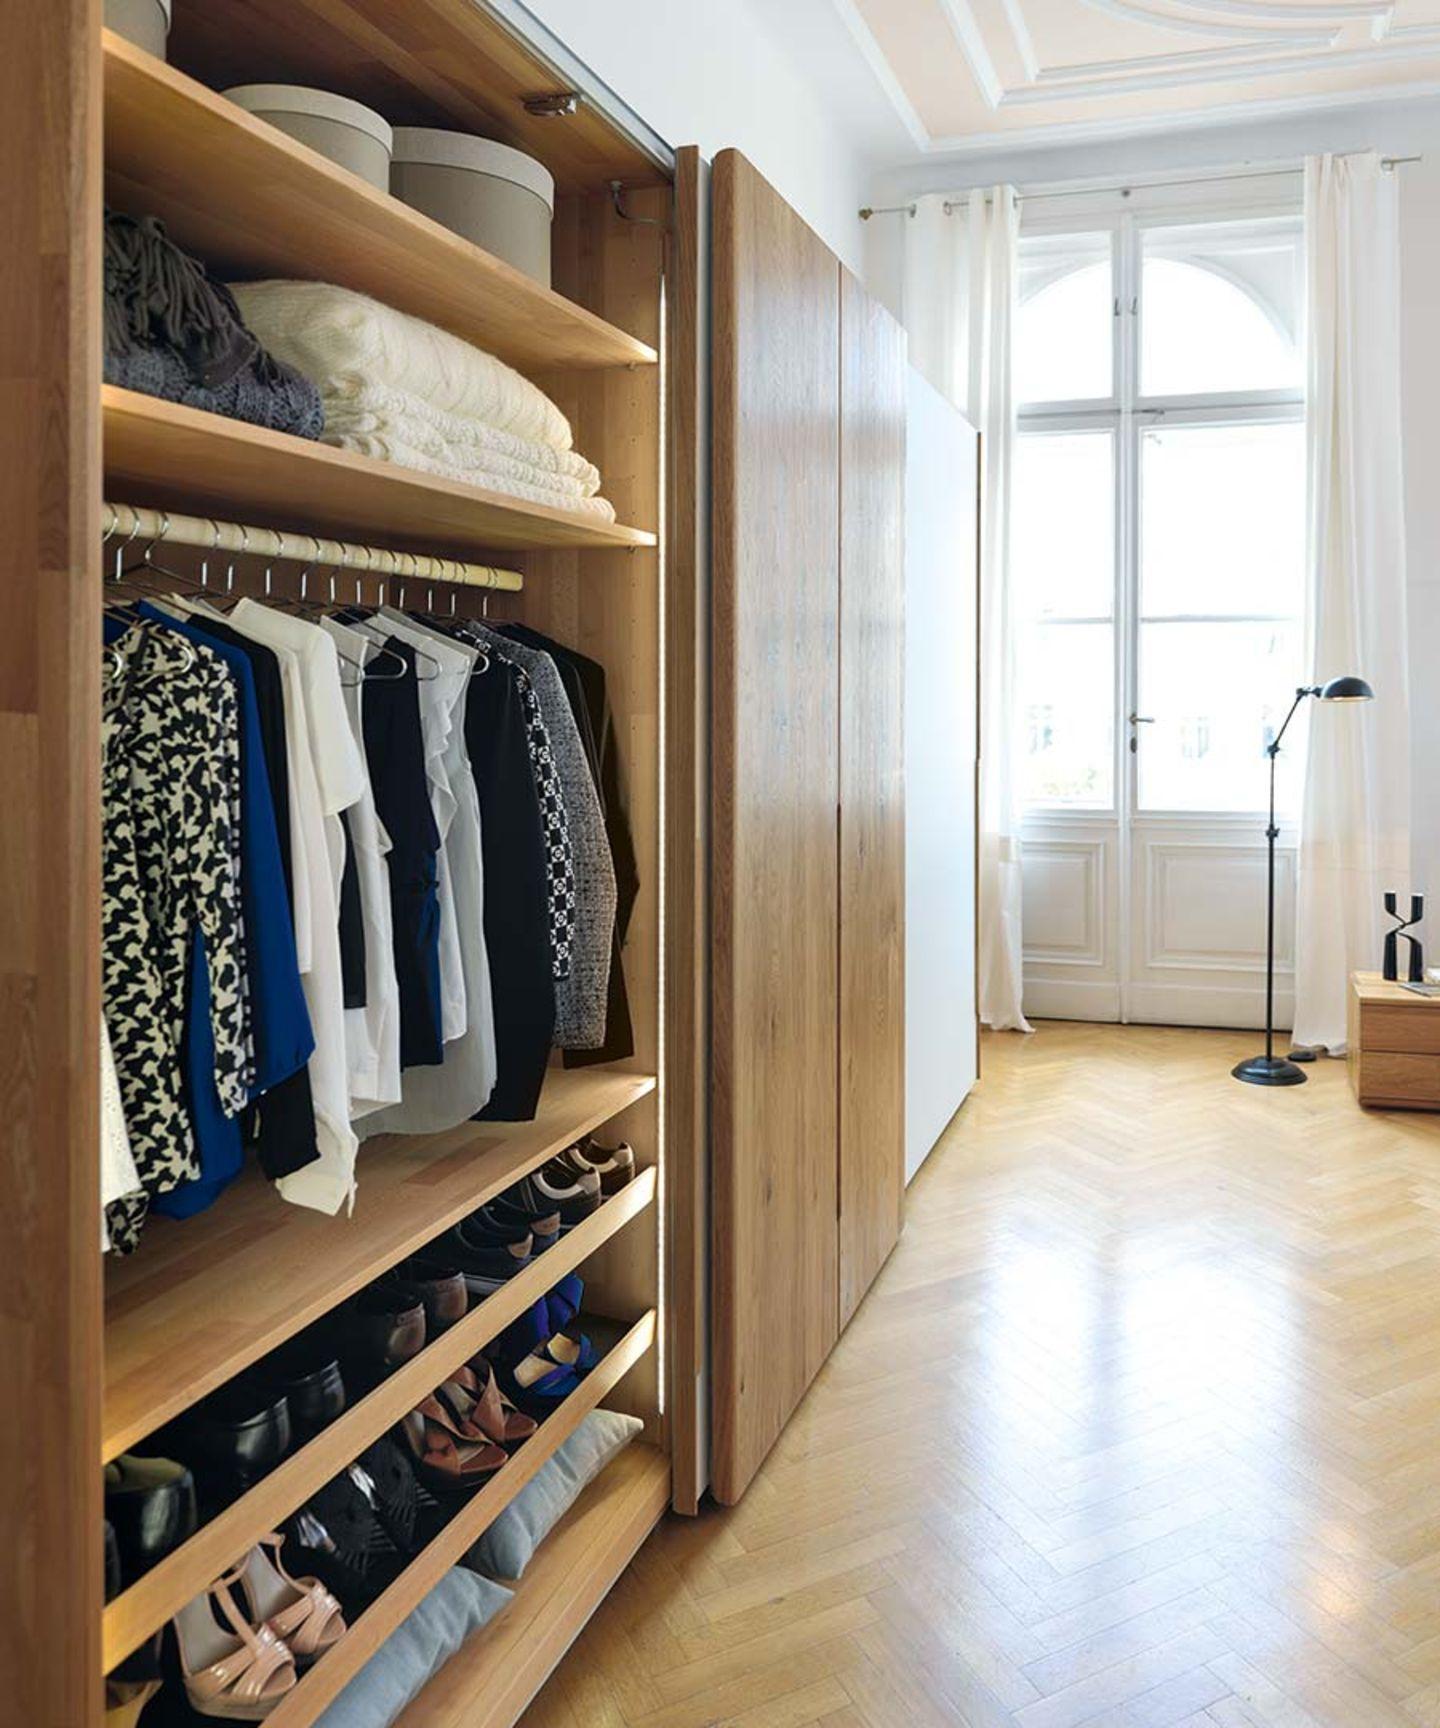 Armoire à portes coulissantes nox avec agencement intérieur en bois naturel